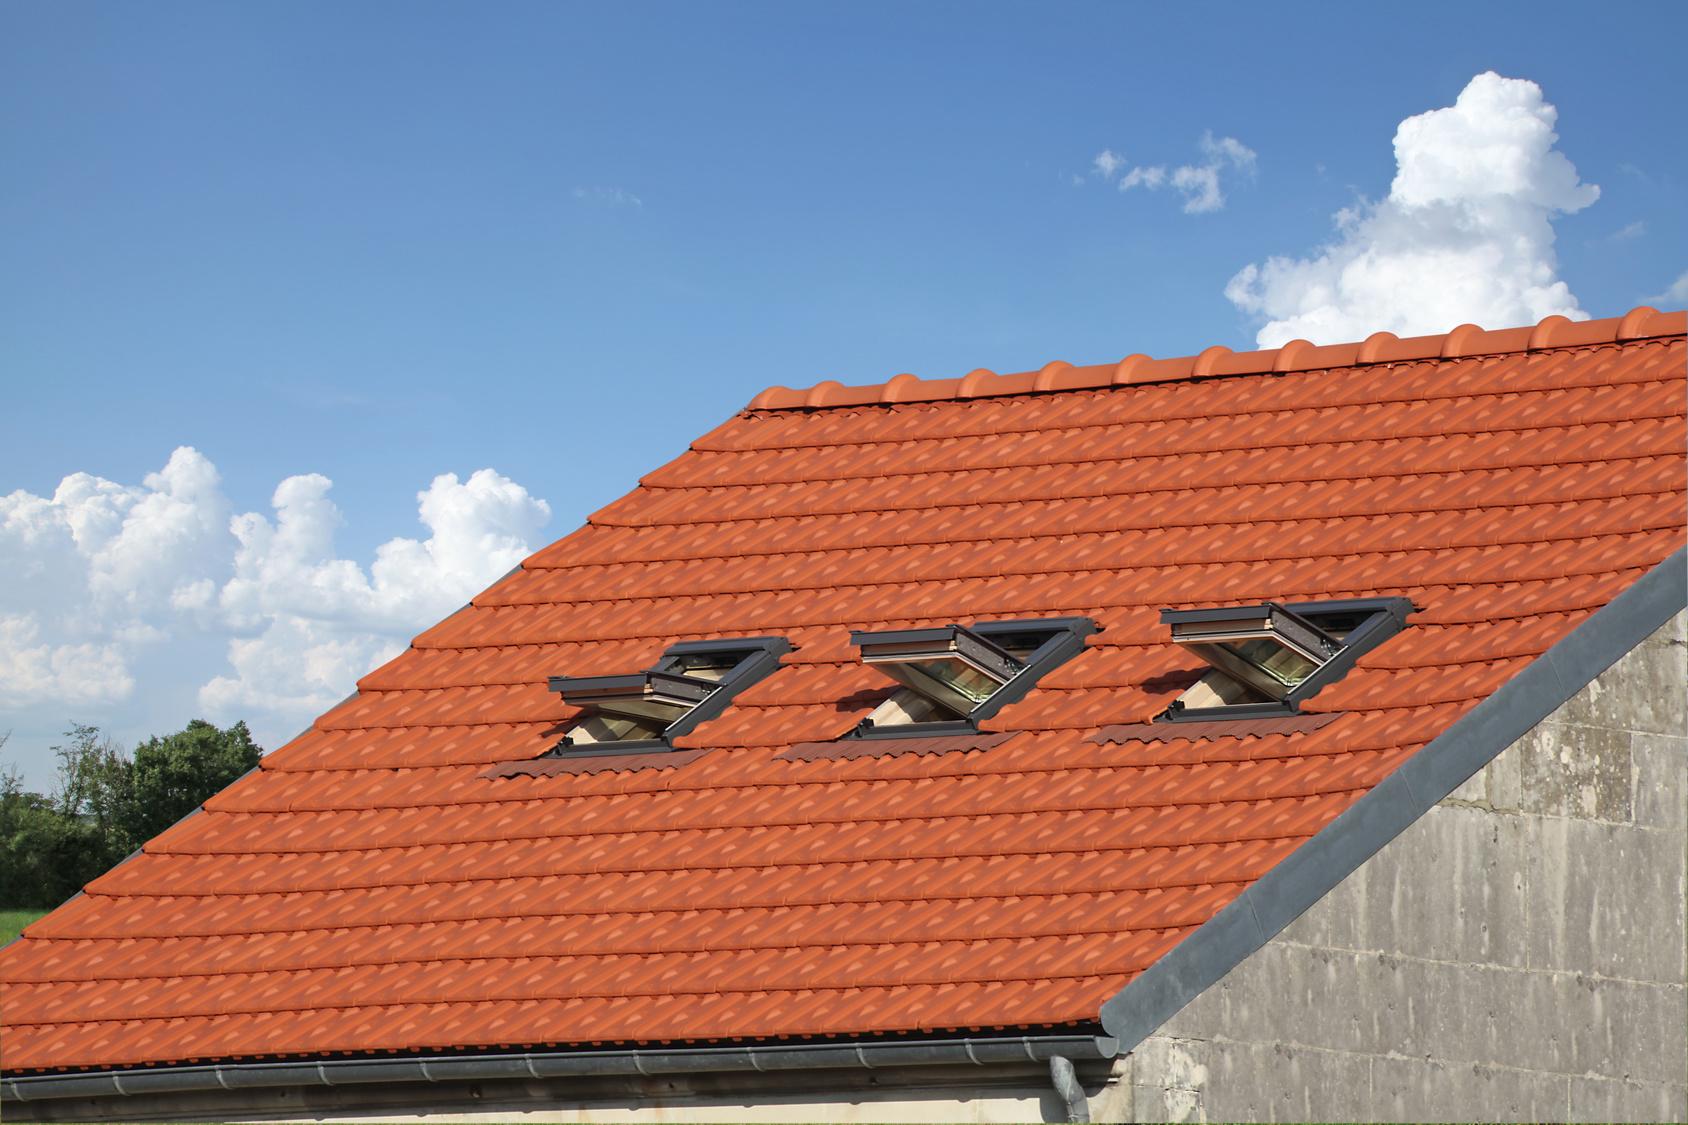 Co t de pose d une fen tre de toit velux for Cout rehausse toiture